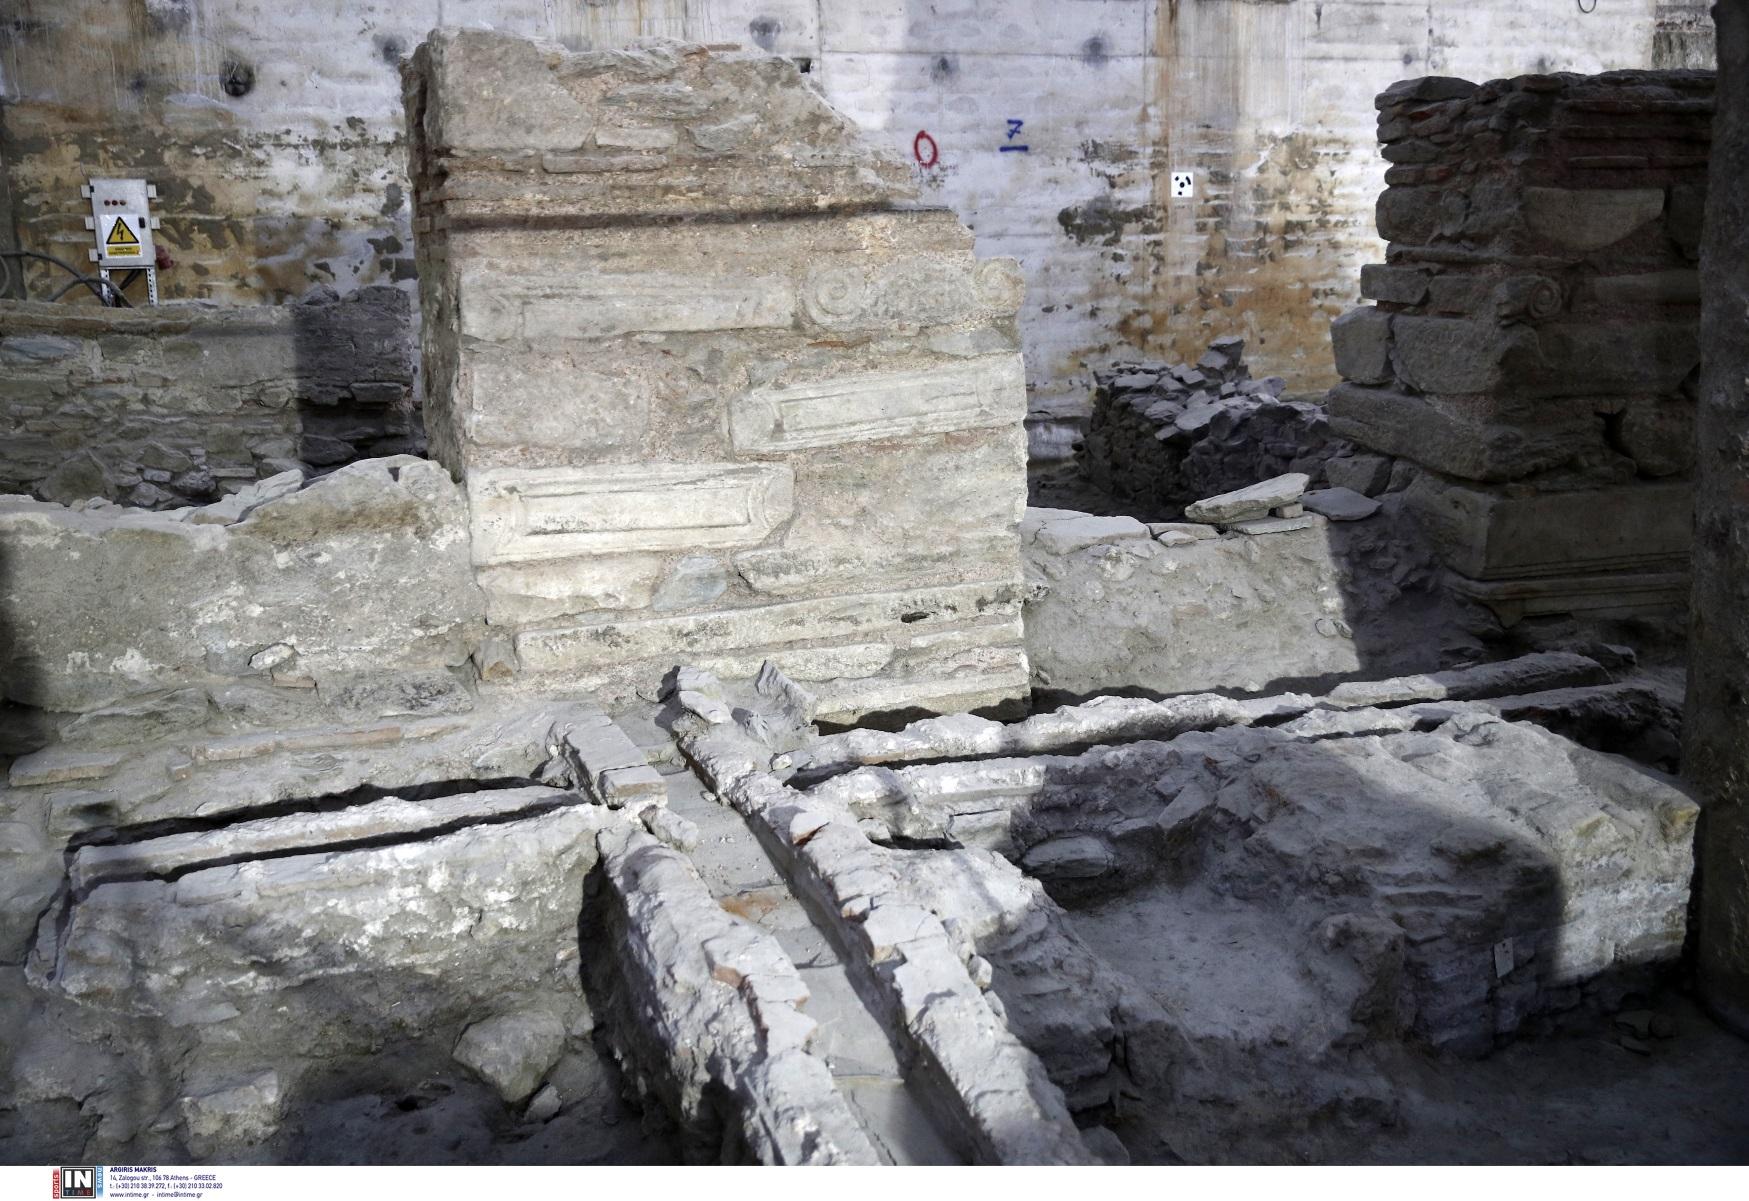 Θεσσαλονίκη – μετρό: Προσφυγή κατοίκων στη Δικαιοσύνη για τα αρχαία της Βενιζέλου